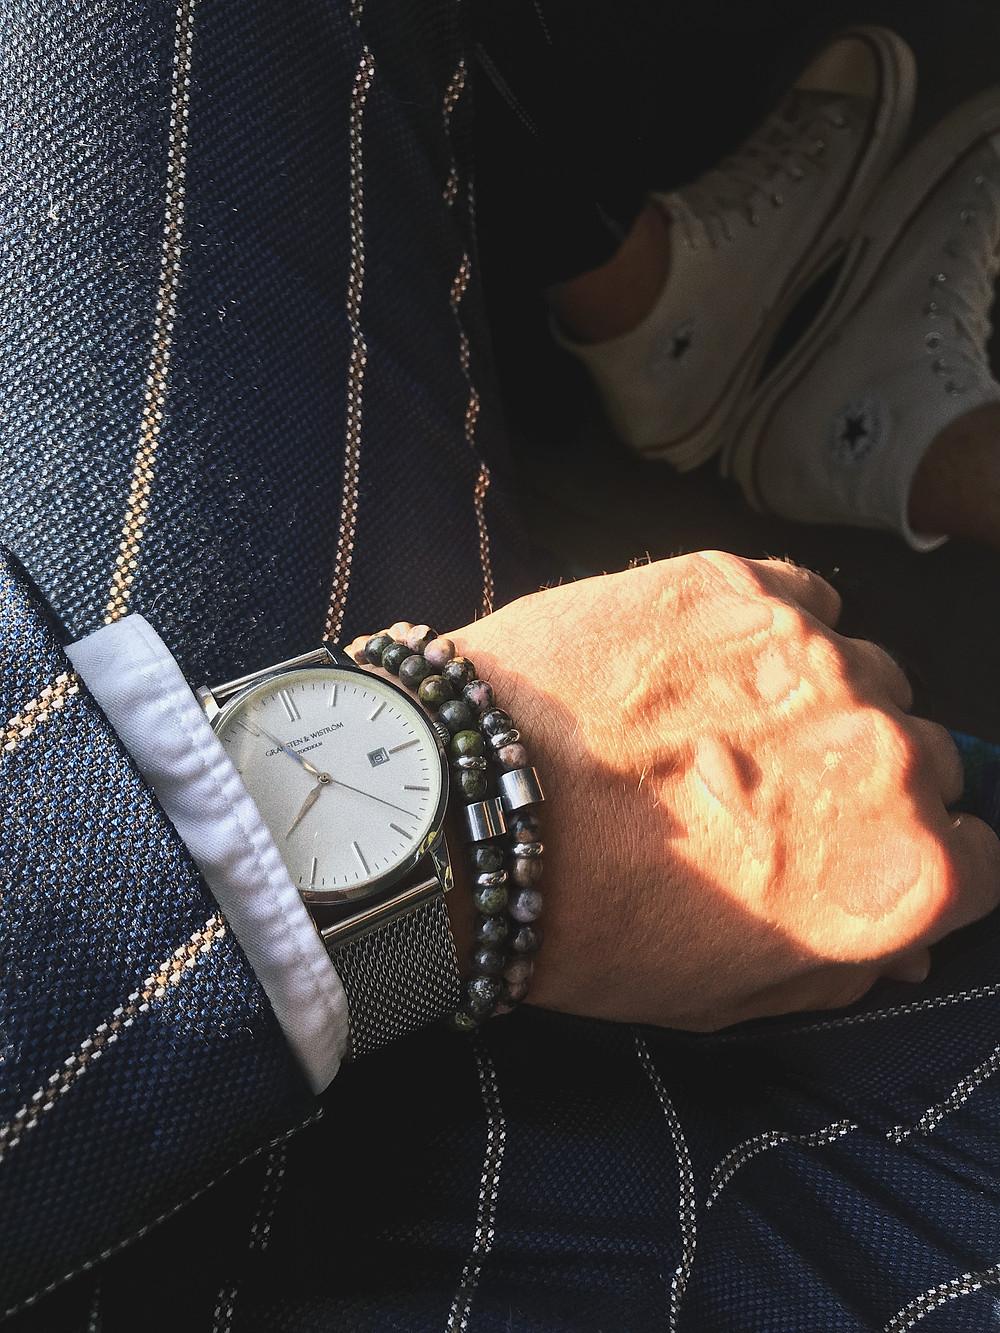 Men's bracelets from Manifestationbeads Accessories for men